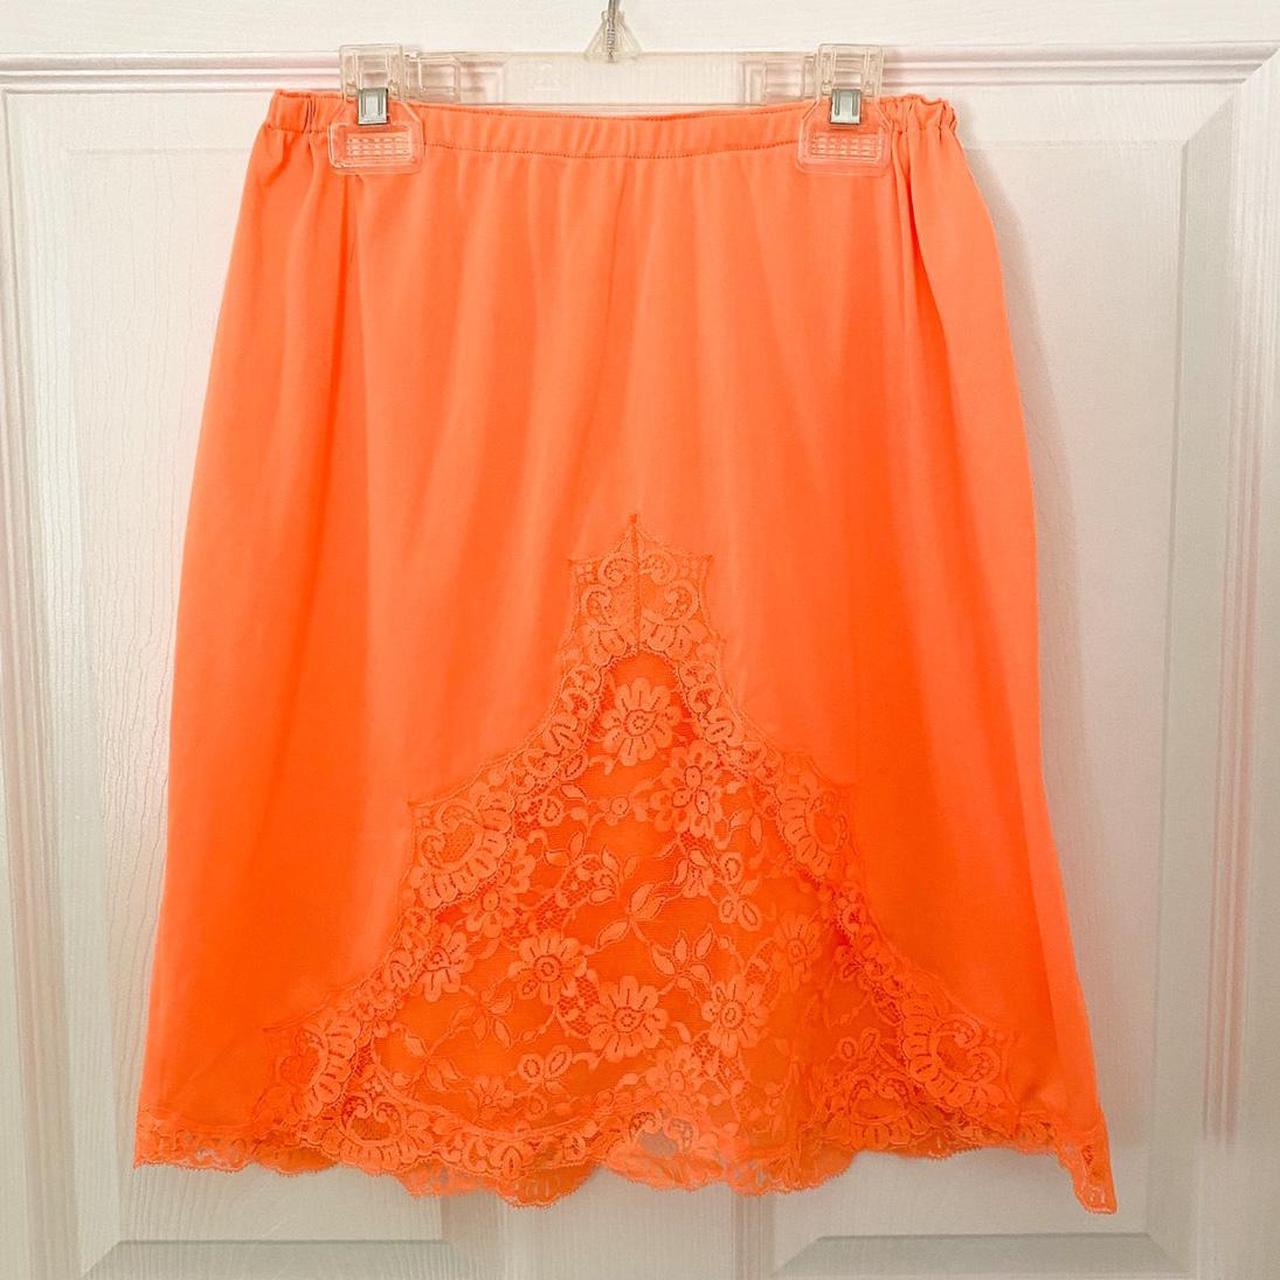 Product Image 1 - Vintage Orange Slip Skirt, Size